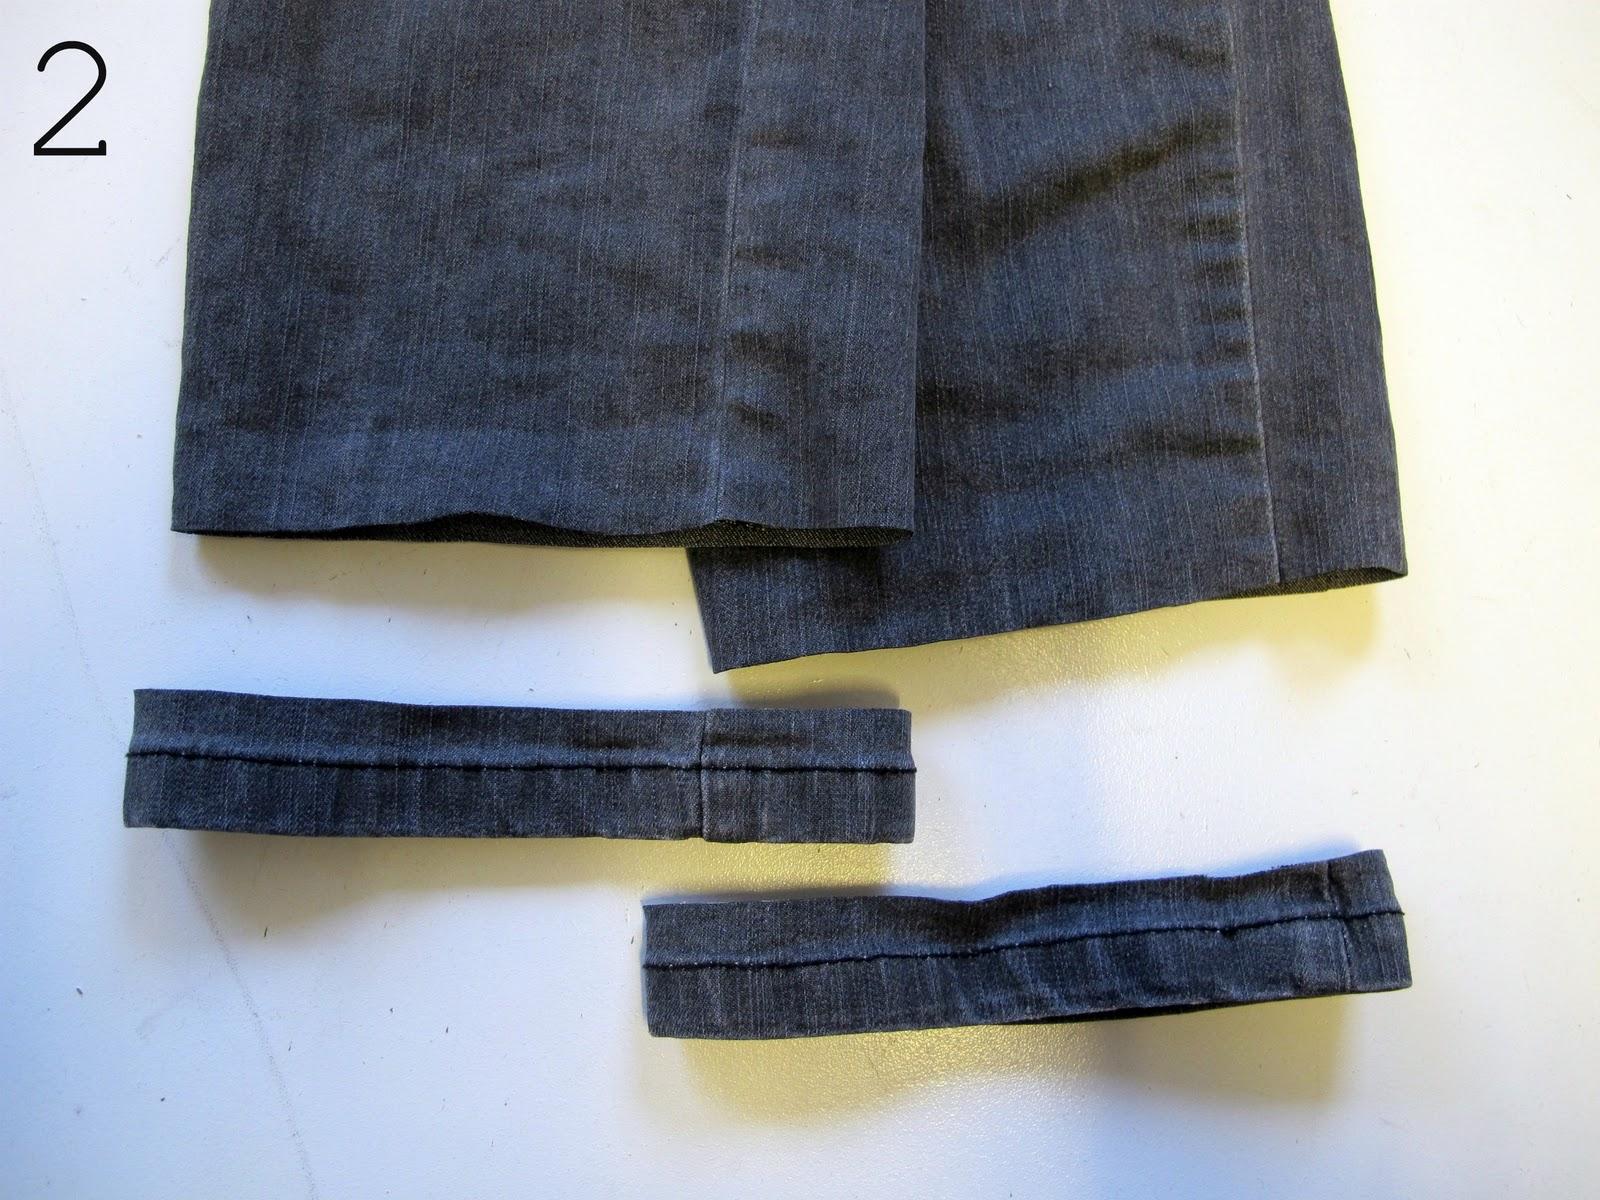 læg bukser op